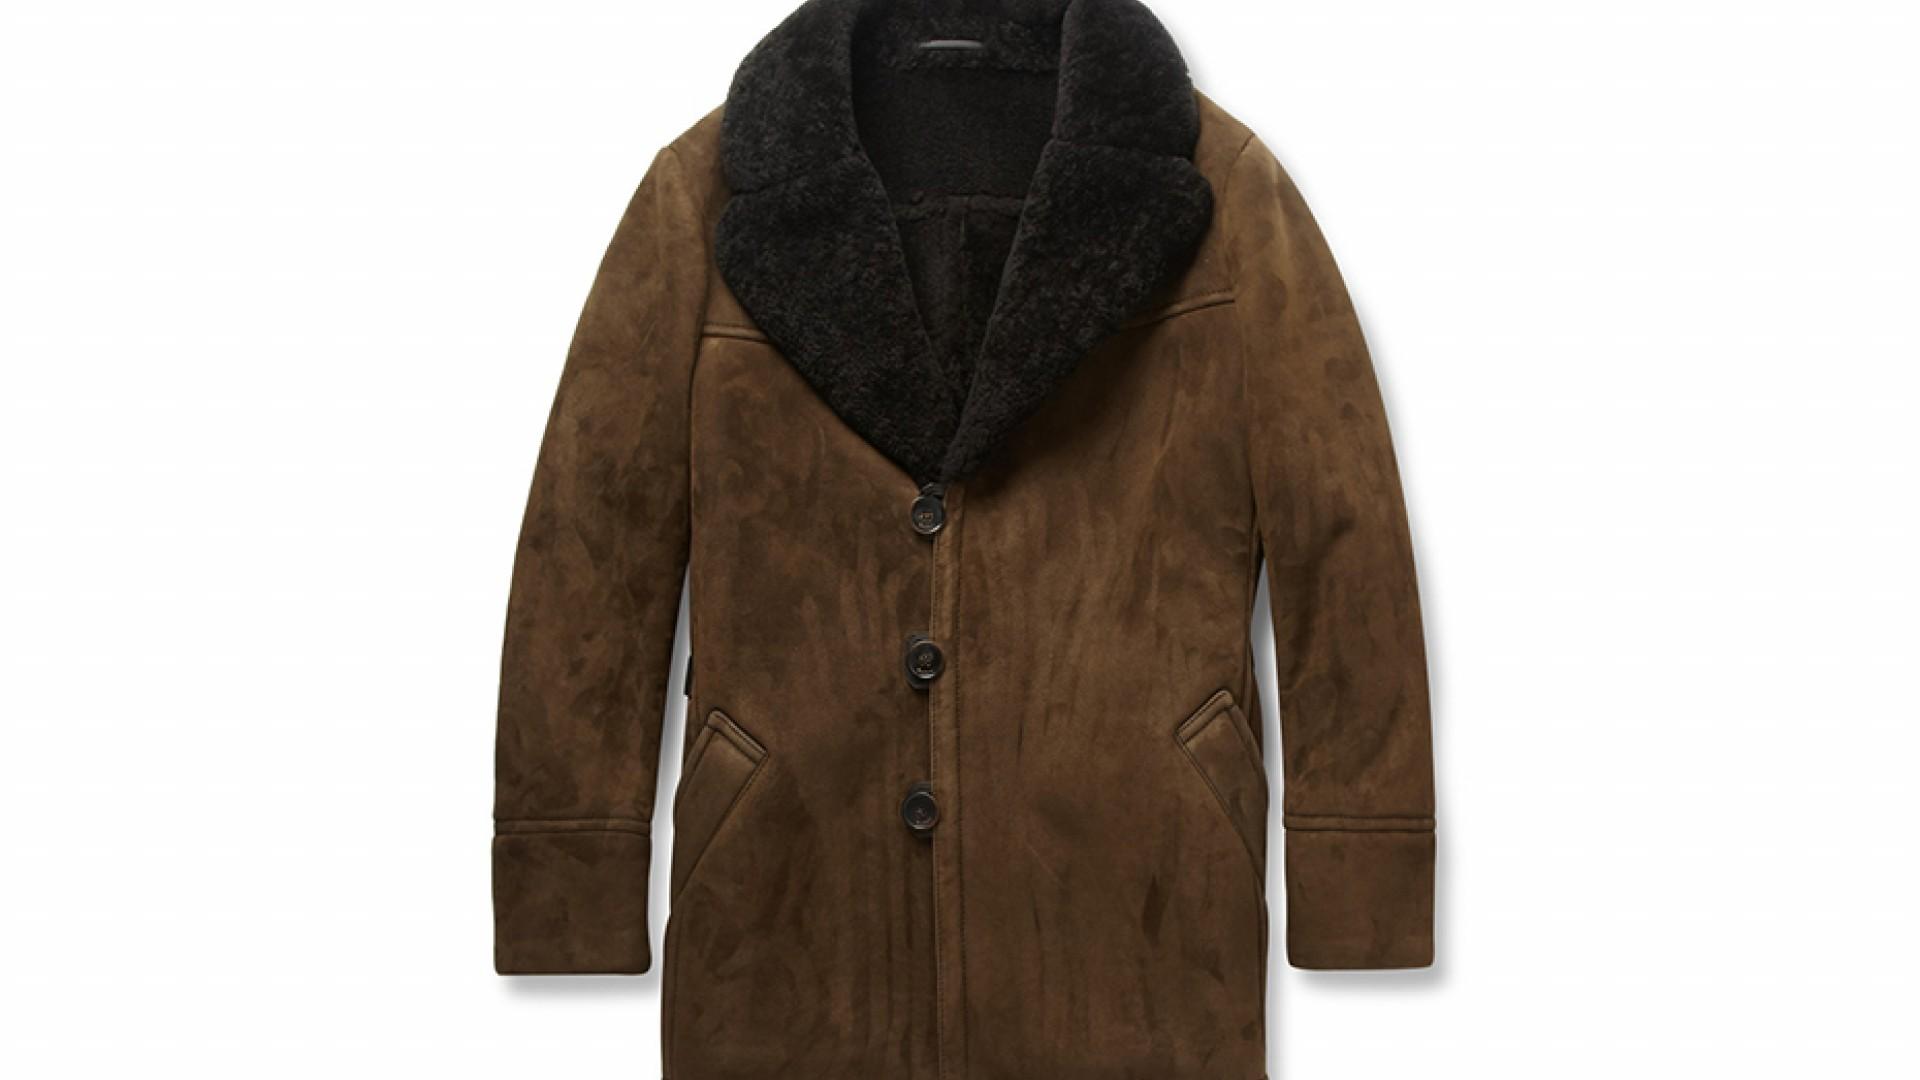 SHEARLING SHAWL-COLLAR COAT, £5,950, MRPORTER.COM